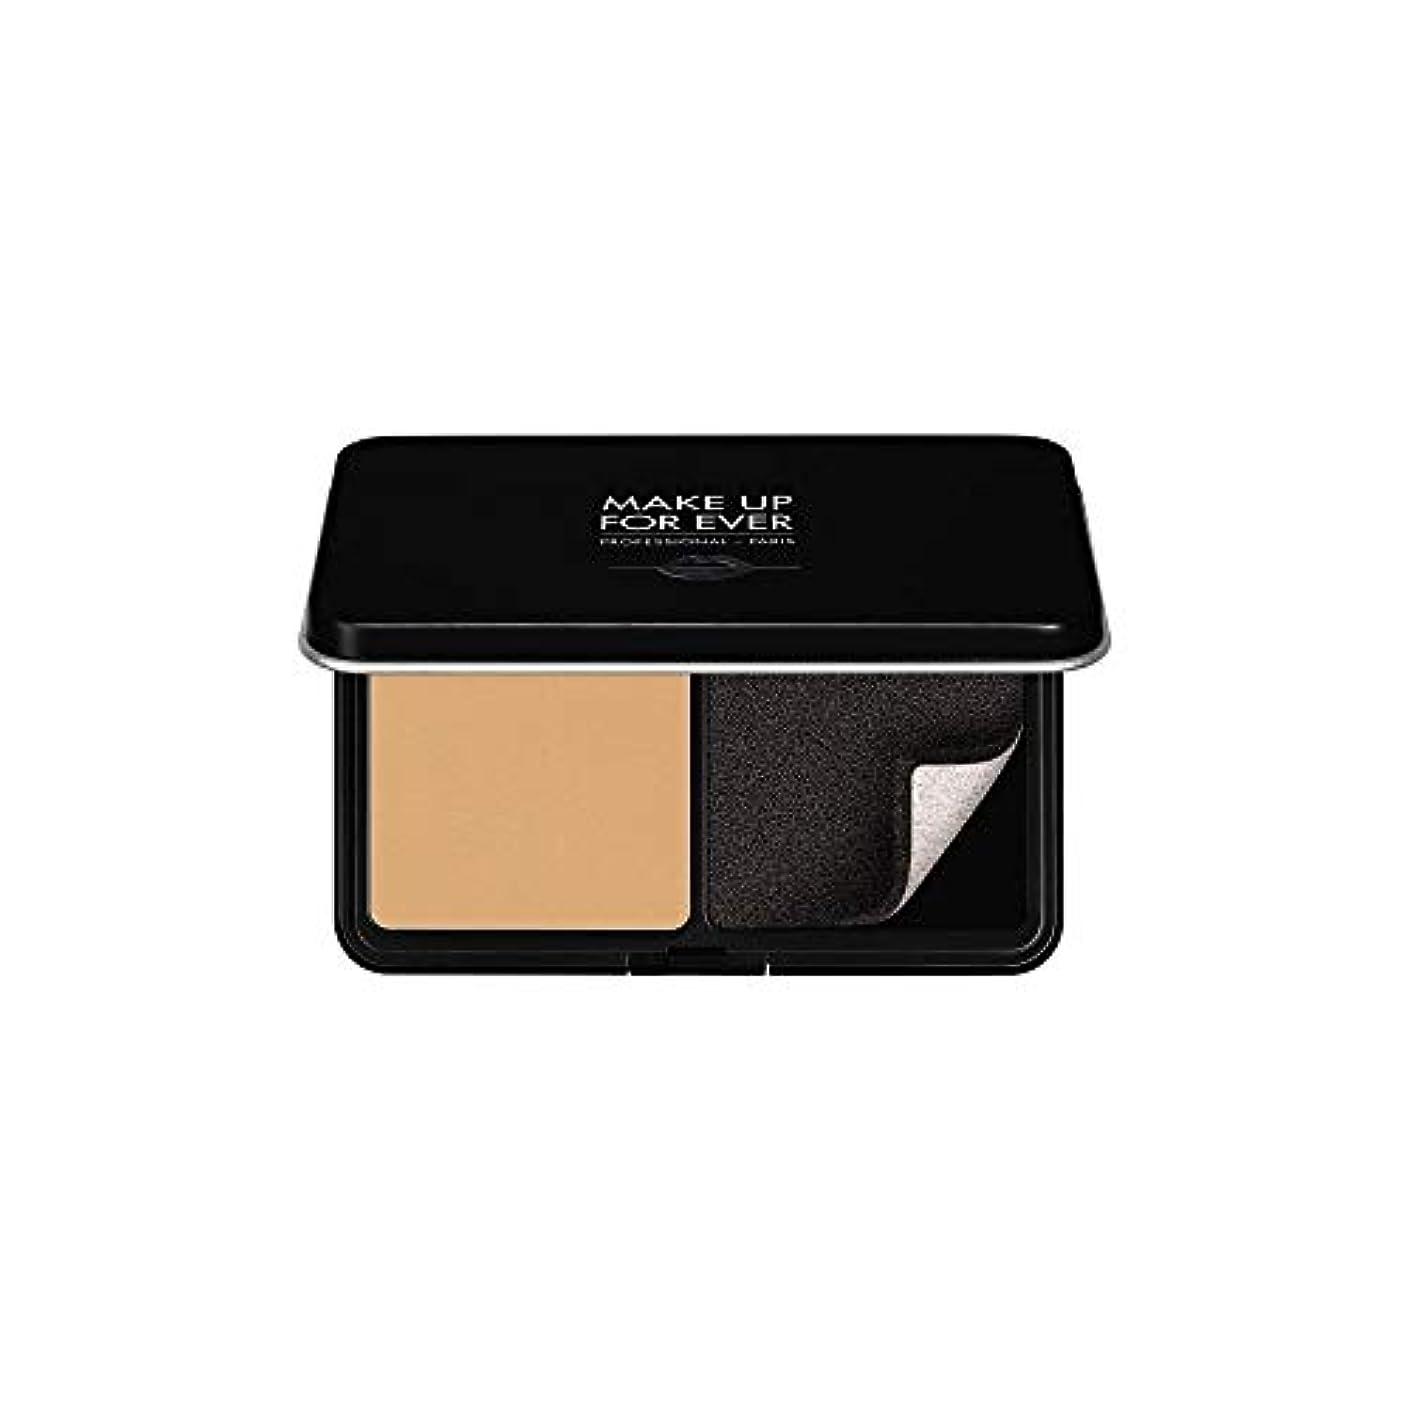 それによって支払う趣味メイクアップフォーエバー Matte Velvet Skin Blurring Powder Foundation - # Y245 (Soft Sand) 11g/0.38oz並行輸入品